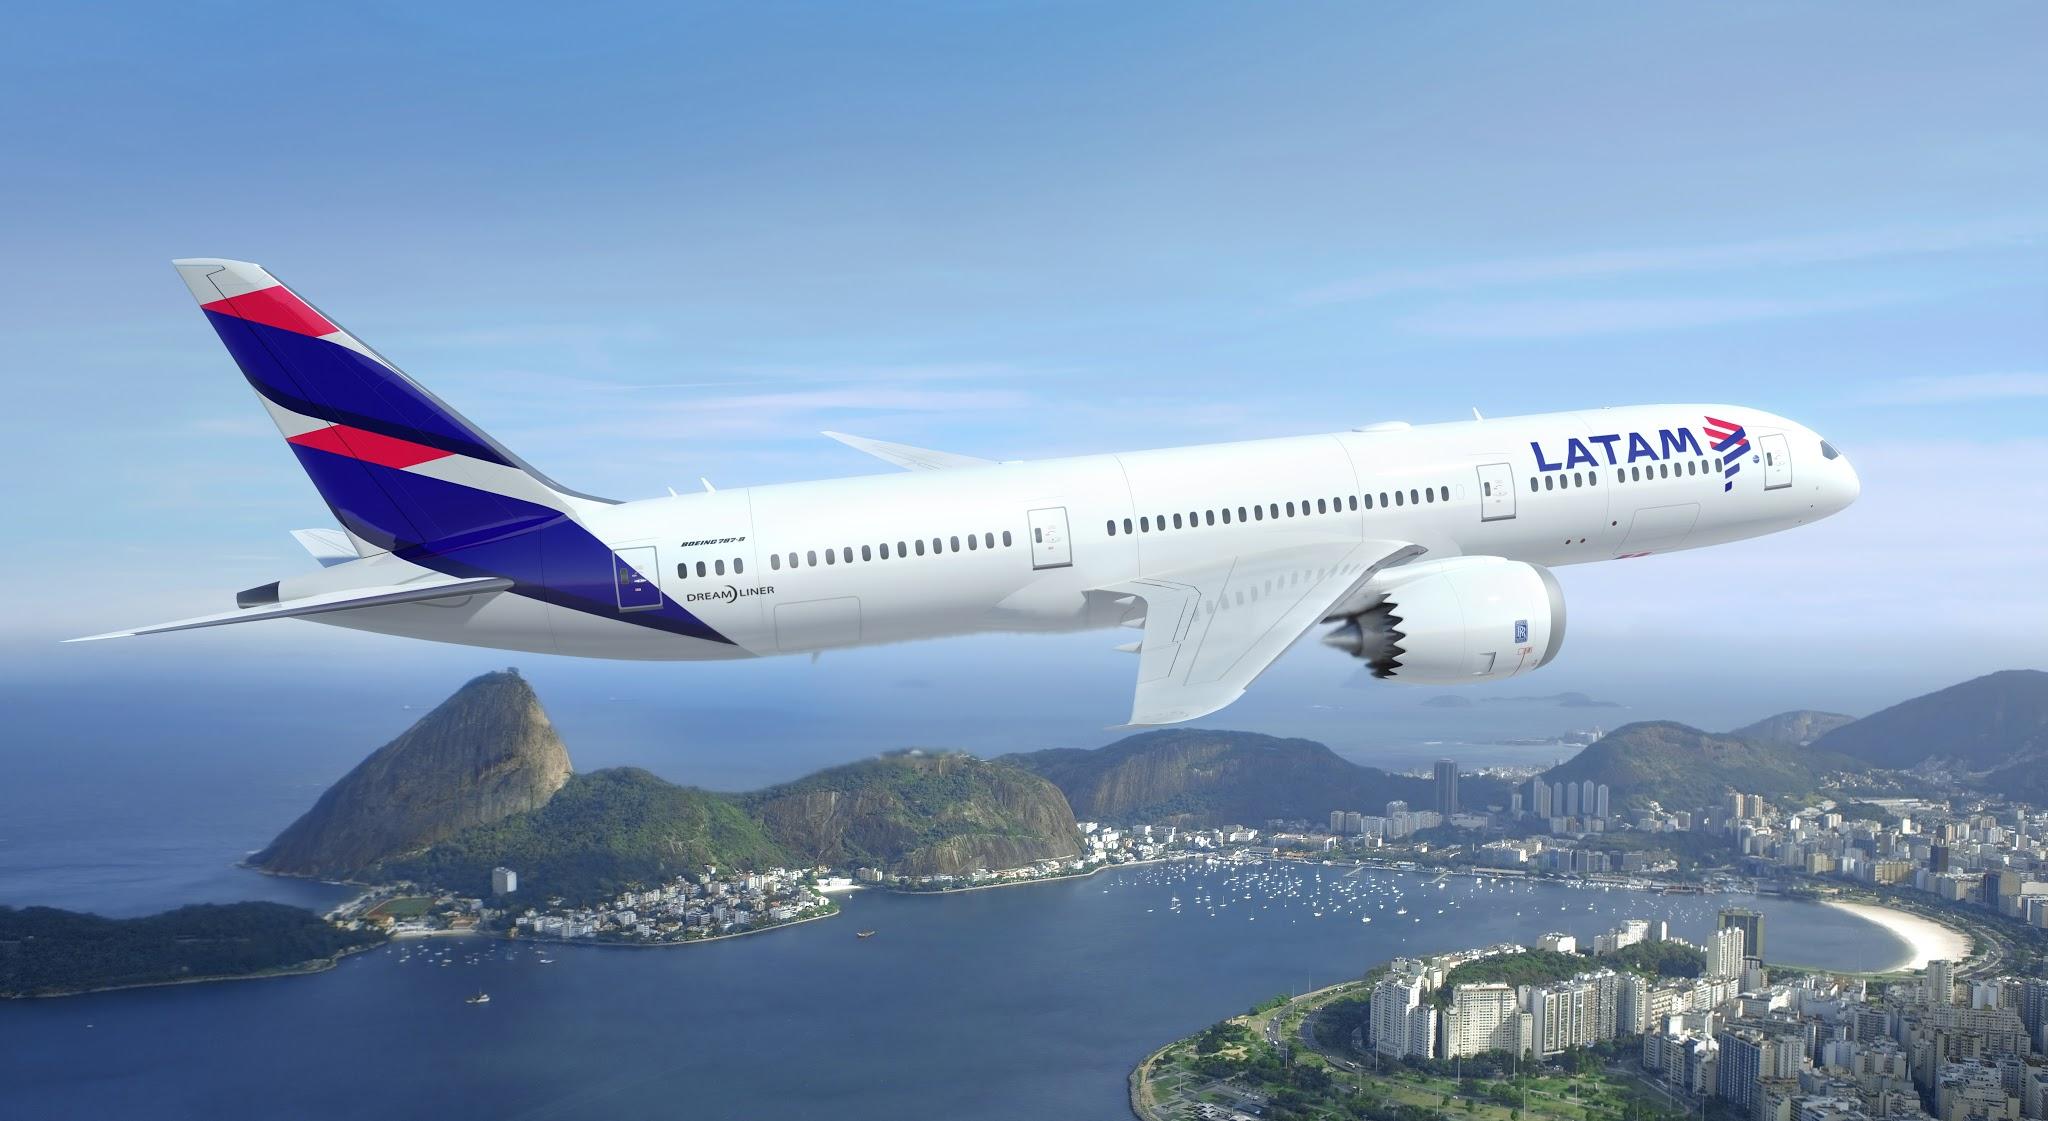 LATAM Airlines Brasil levará ganhador de concurso à abertura dos Jogos Olímpicos Rio 2016